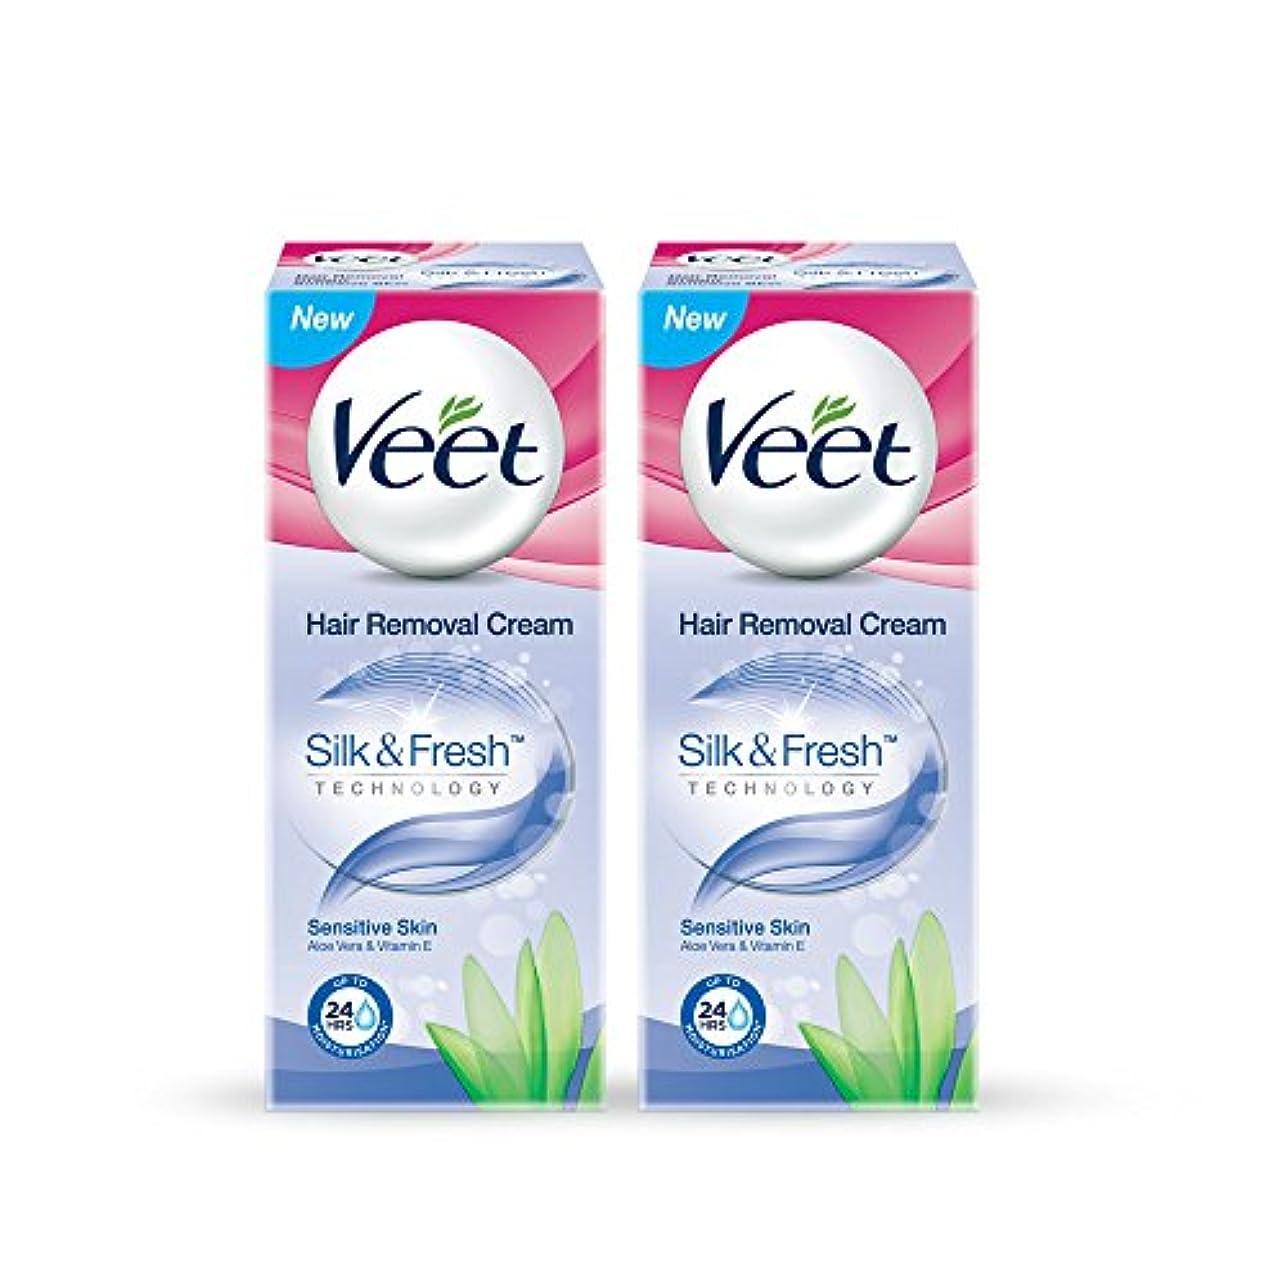 線高価なサンダルVeet Hair Removal Gel Cream For Sensitive Skin With Aloe Vera and Vitamin E 25 g (Pack of 2)